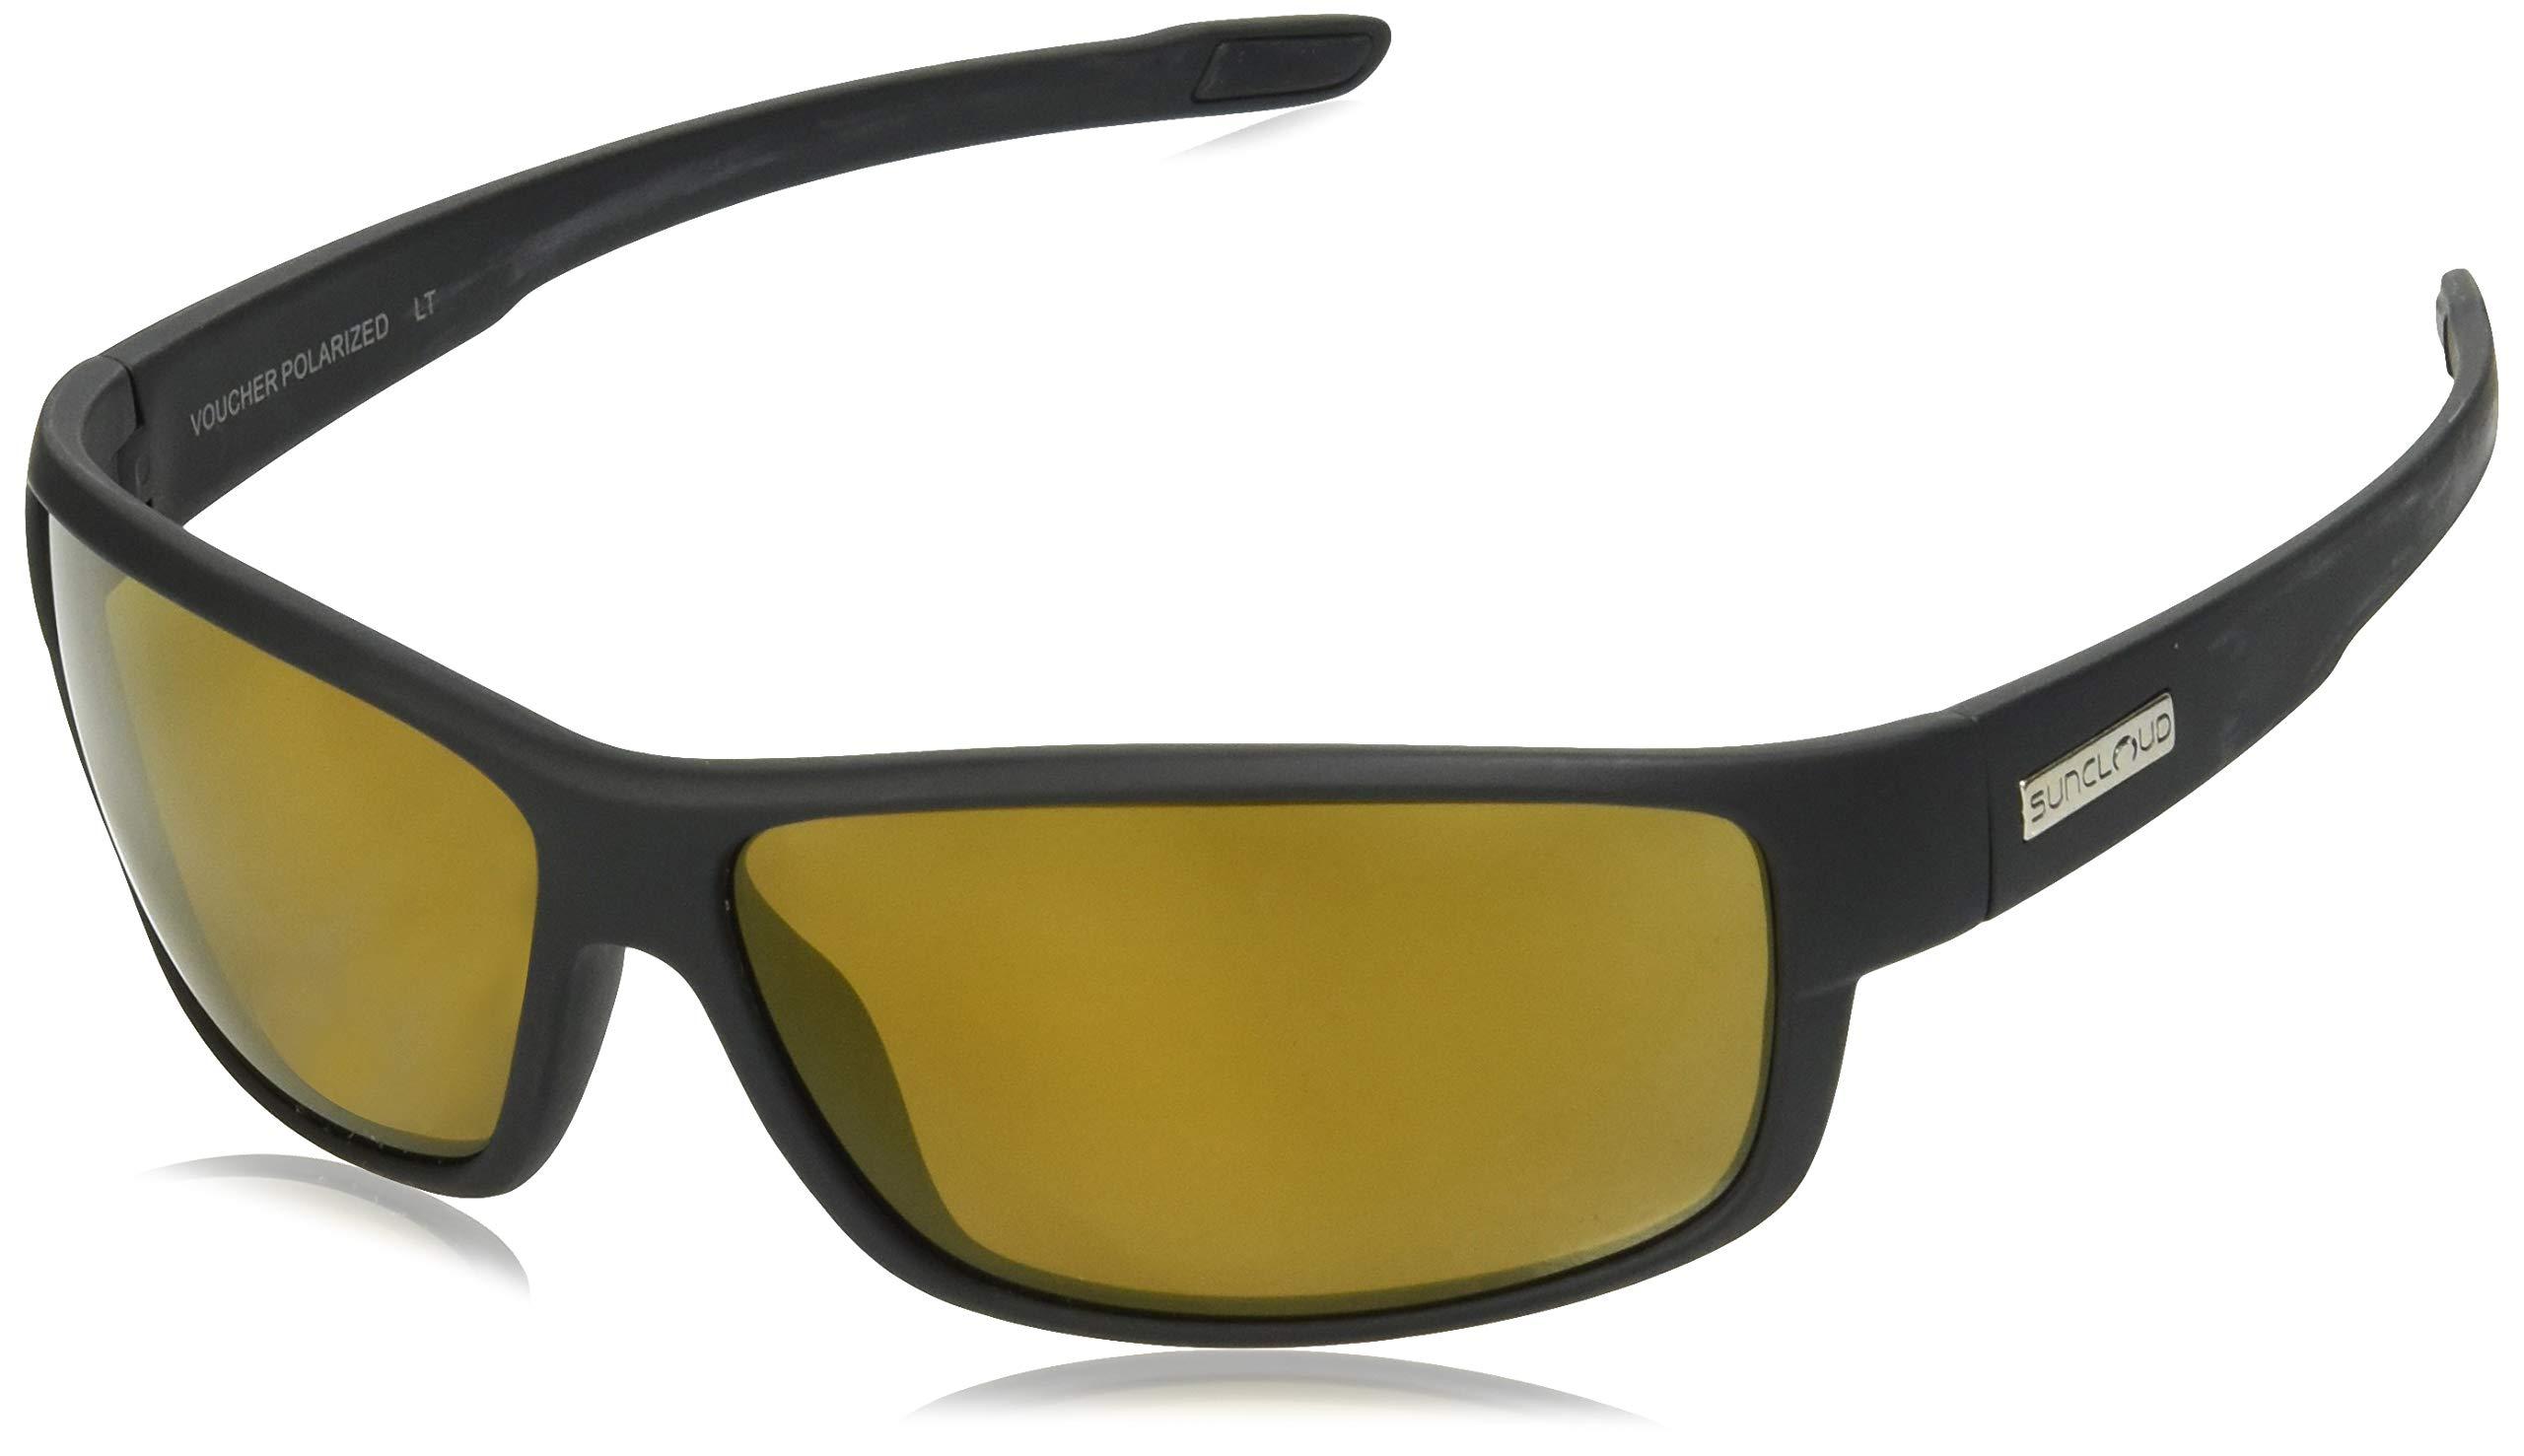 Voucher Polarized Sunglasses by Suncloud